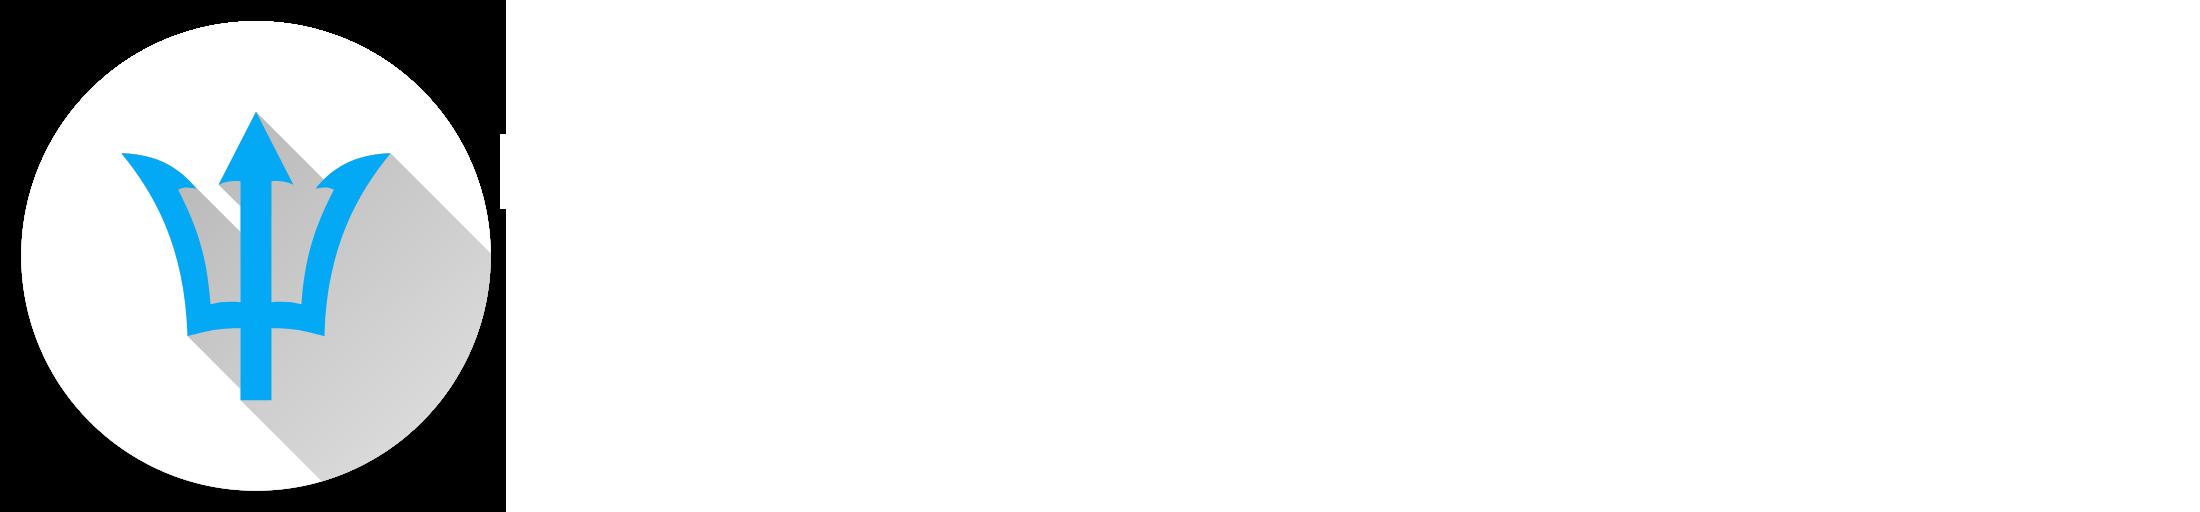 Tridentcom